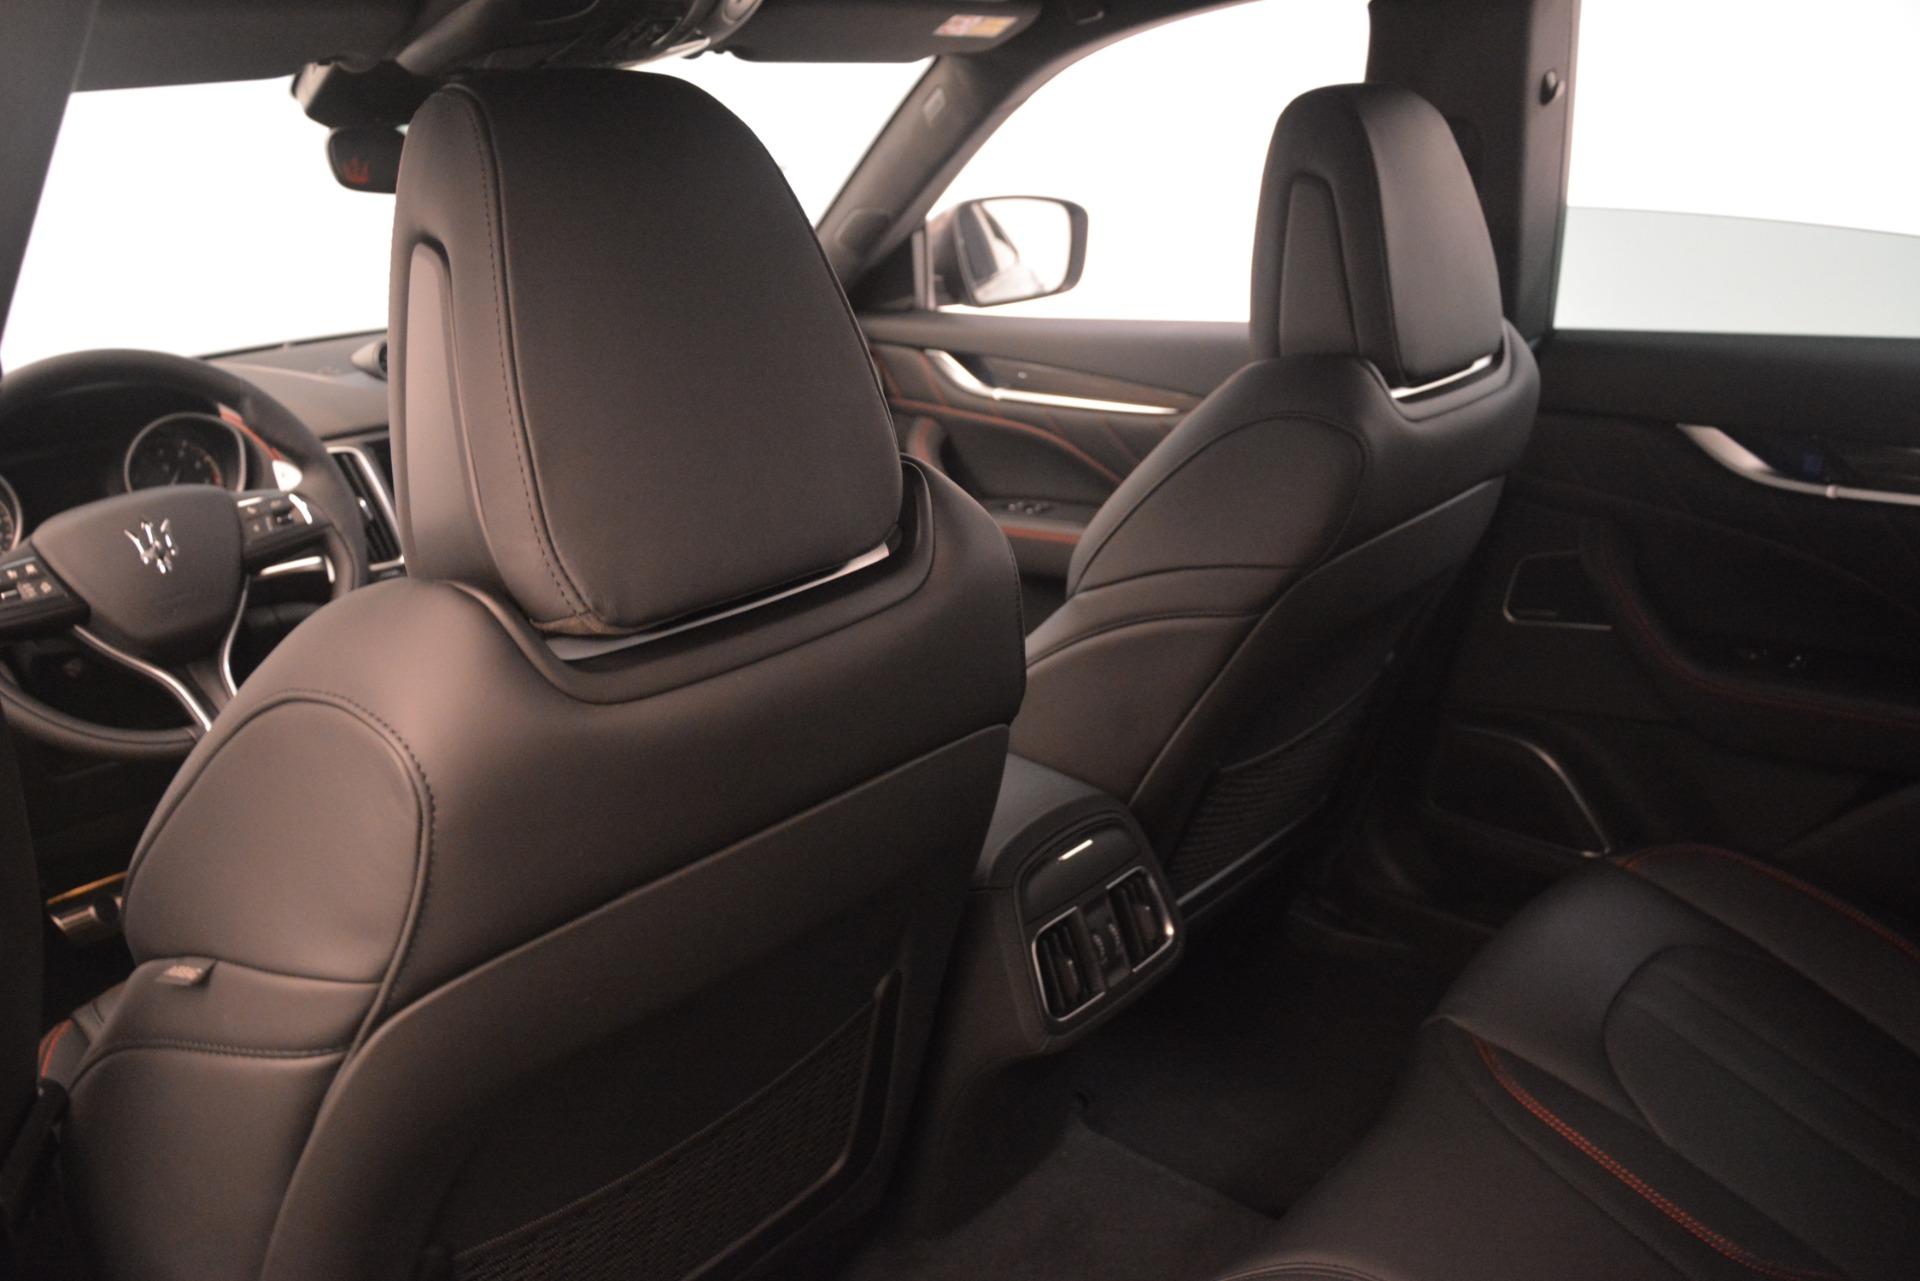 New 2019 Maserati Levante SQ4 GranSport Nerissimo For Sale In Greenwich, CT 3177_p18